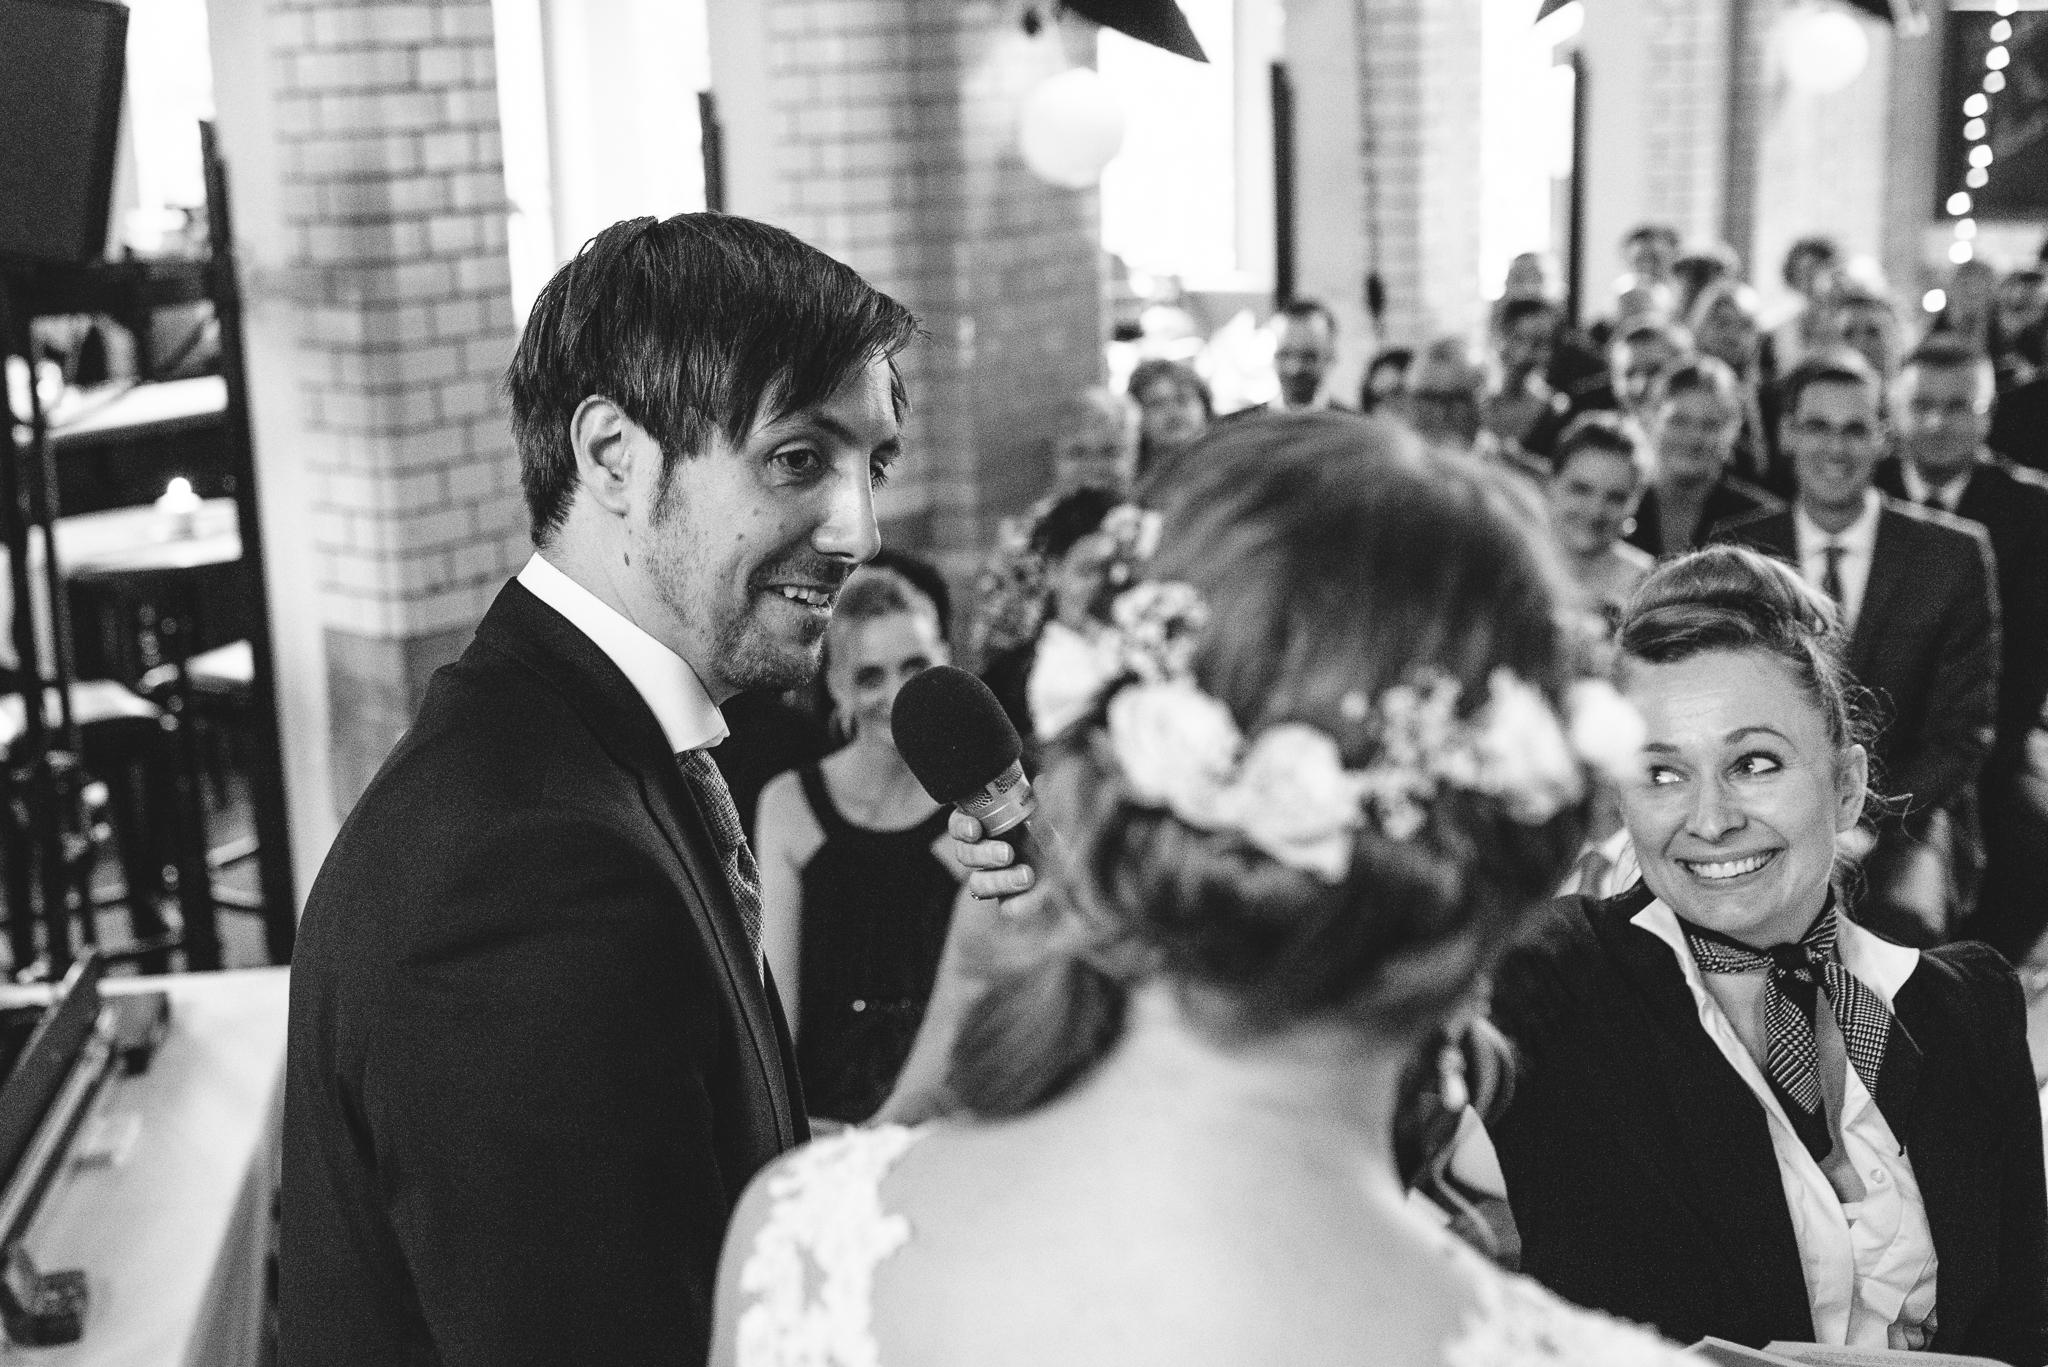 Danke Matthias für diese großartigen Fotos!!  https://www.endlichbilder.de/